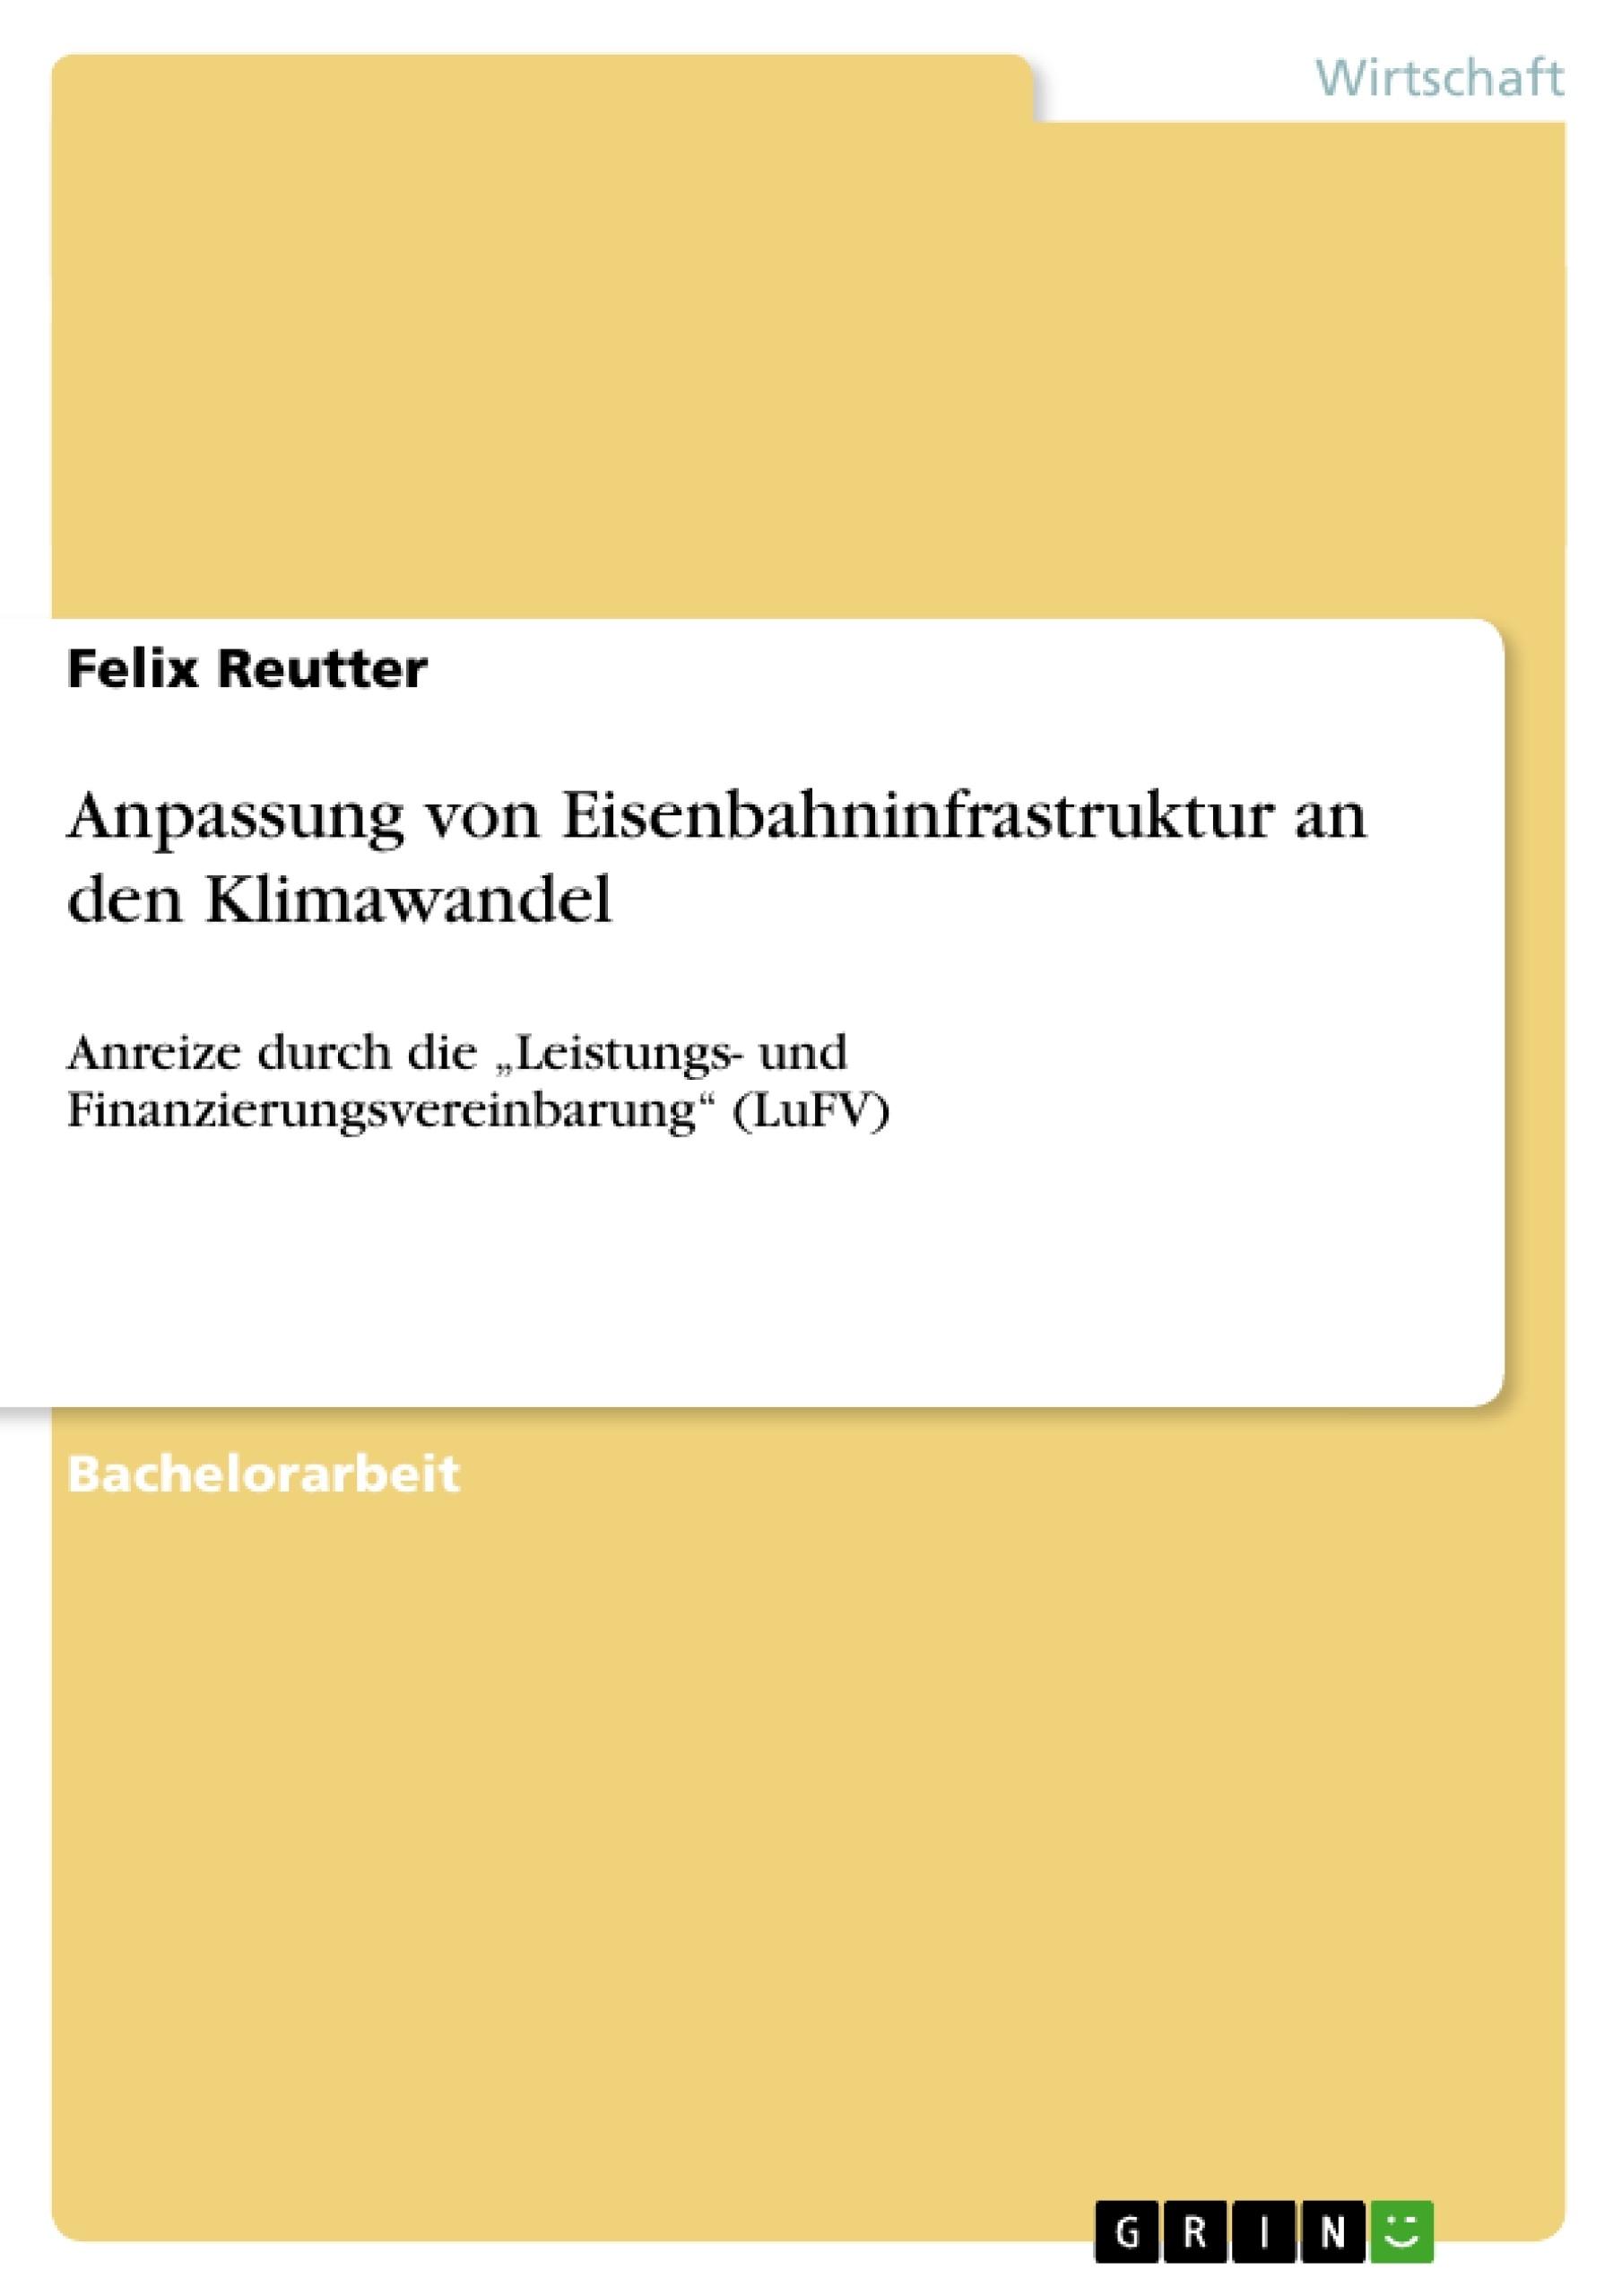 Titel: Anpassung von Eisenbahninfrastruktur an den Klimawandel